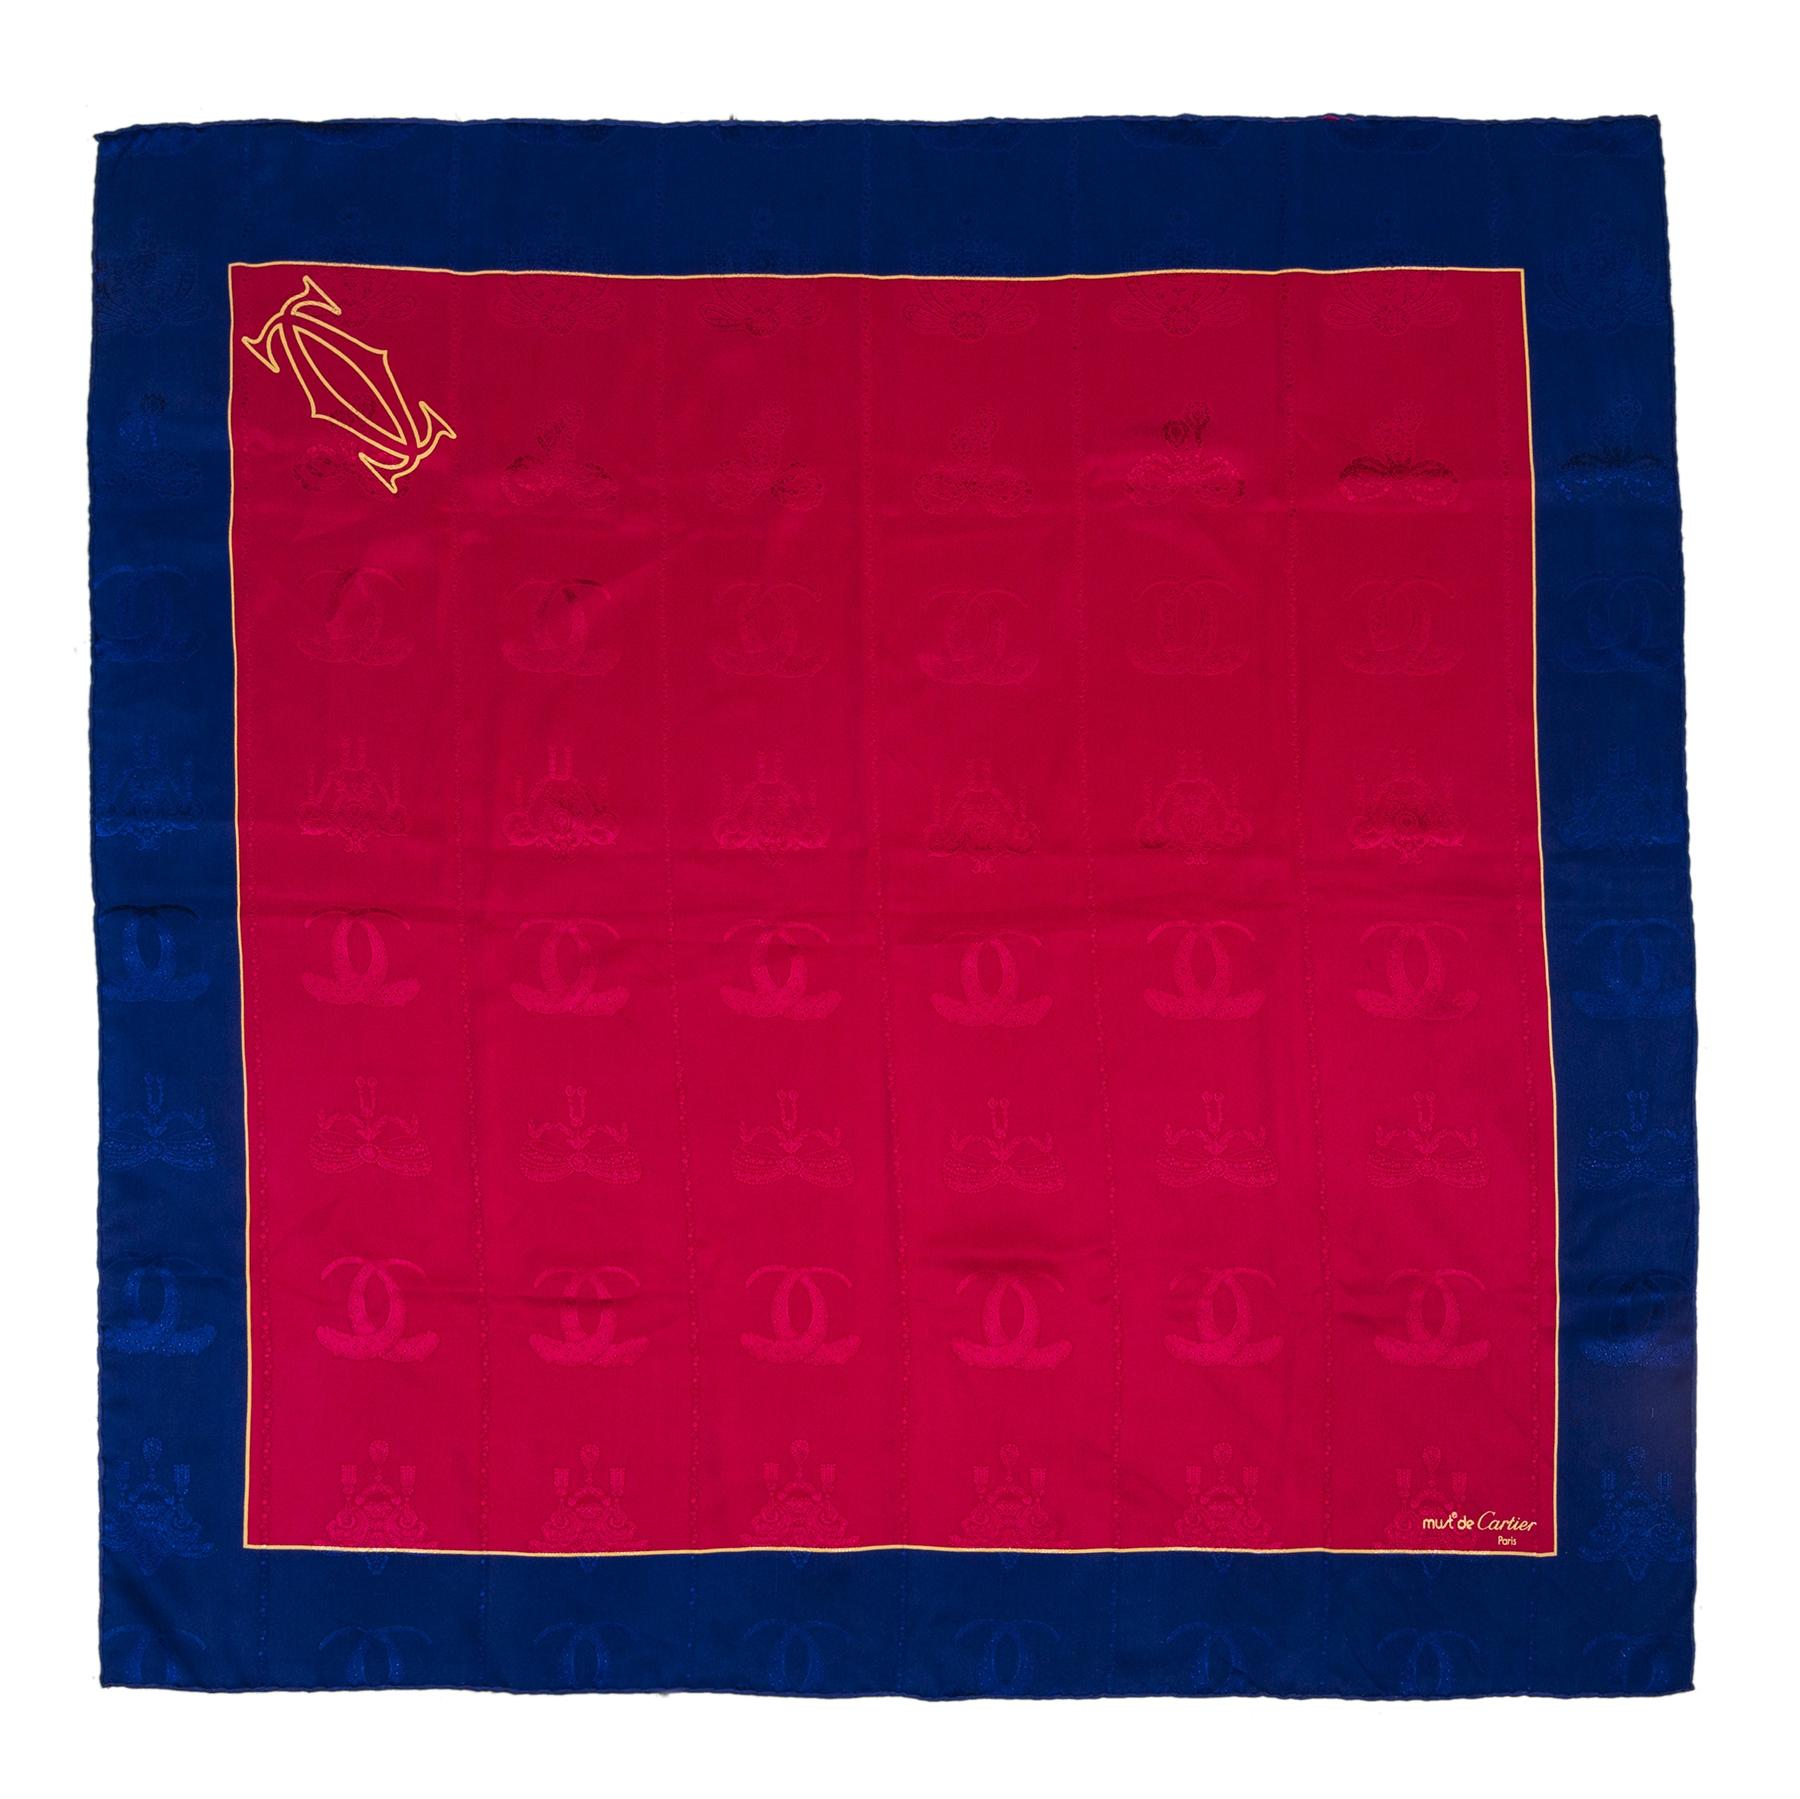 Authentieke tweedehands Cartier silk logo printed blue pink scarf juiste prijs veilig online winkelen LabelLOV webshop luxe merken winkelen Antwerpen België mode fashion